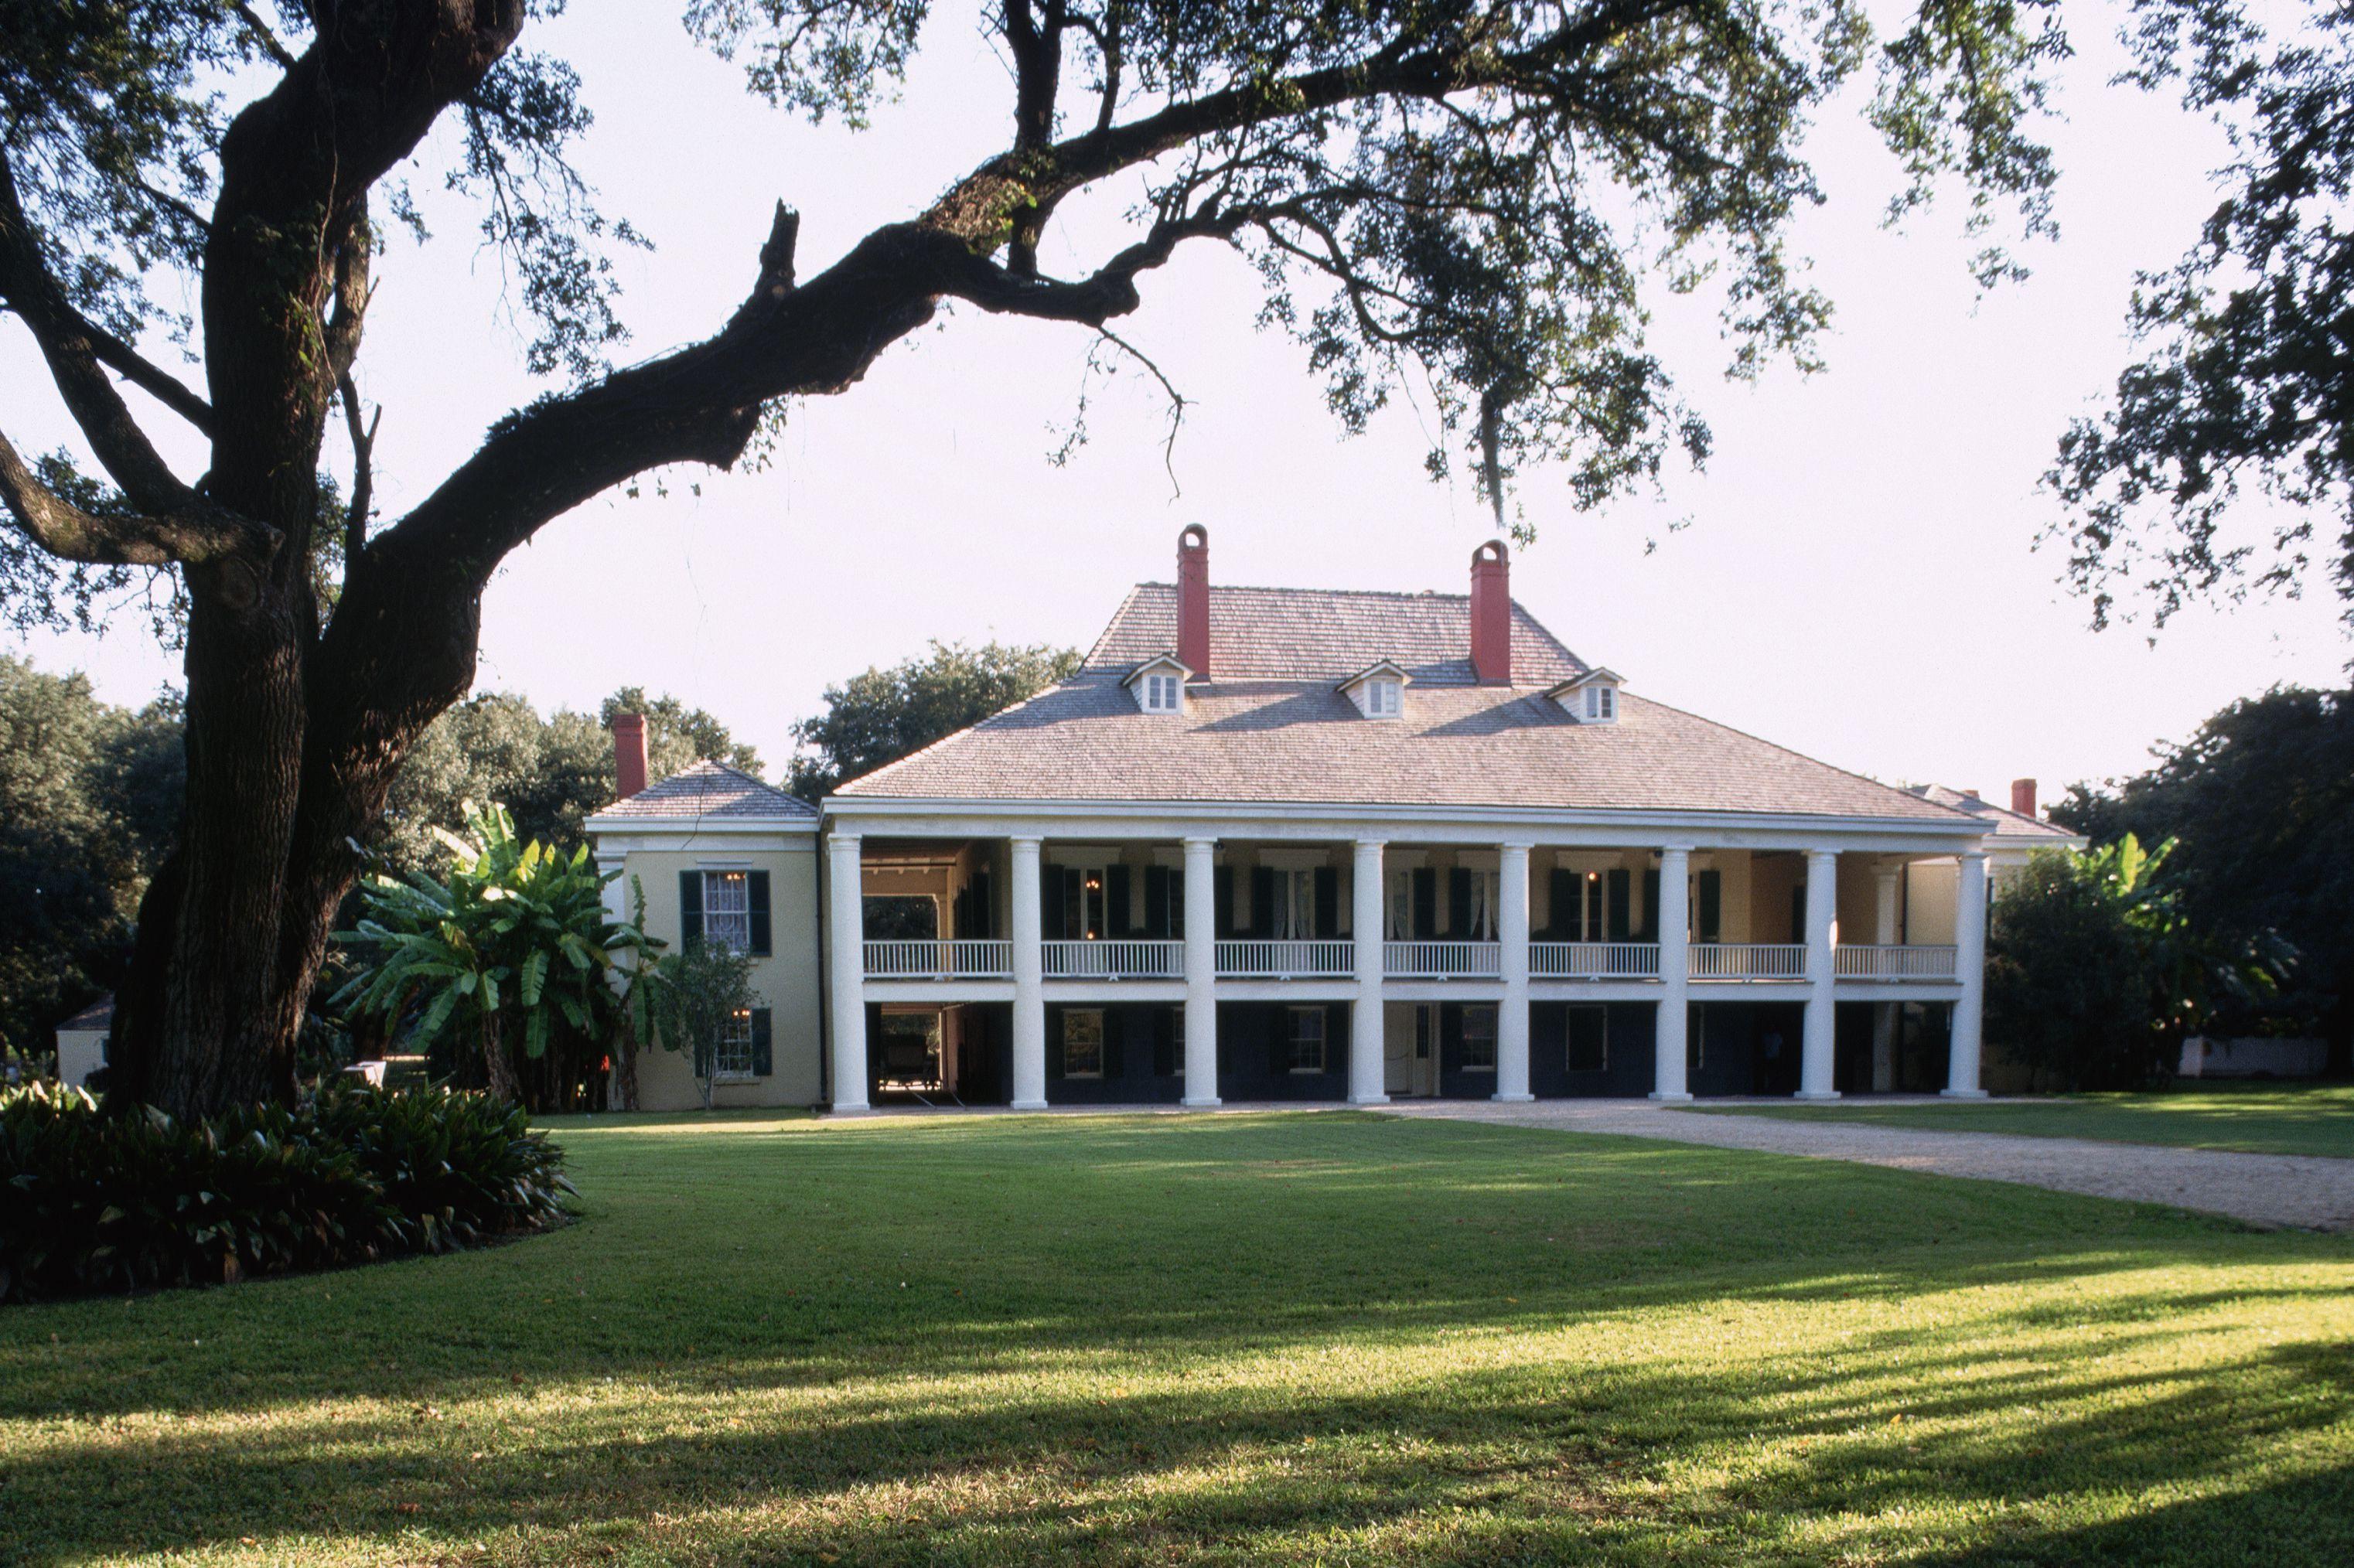 grand manoir de plantation, deux étages avec balcons à colonnes, toit en croupe